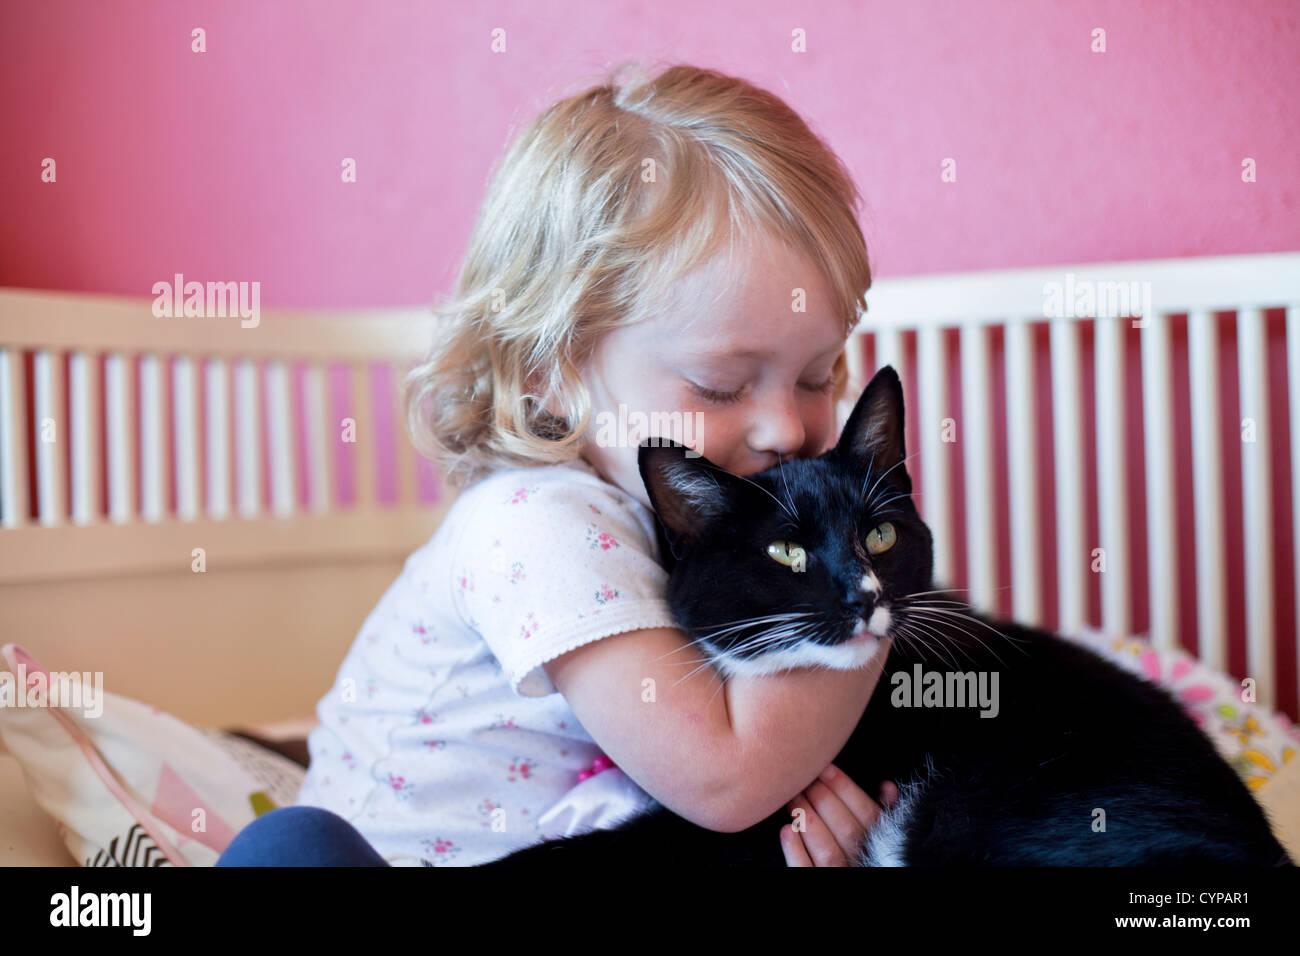 Niño Niña abrazando a su gato. Foto de stock